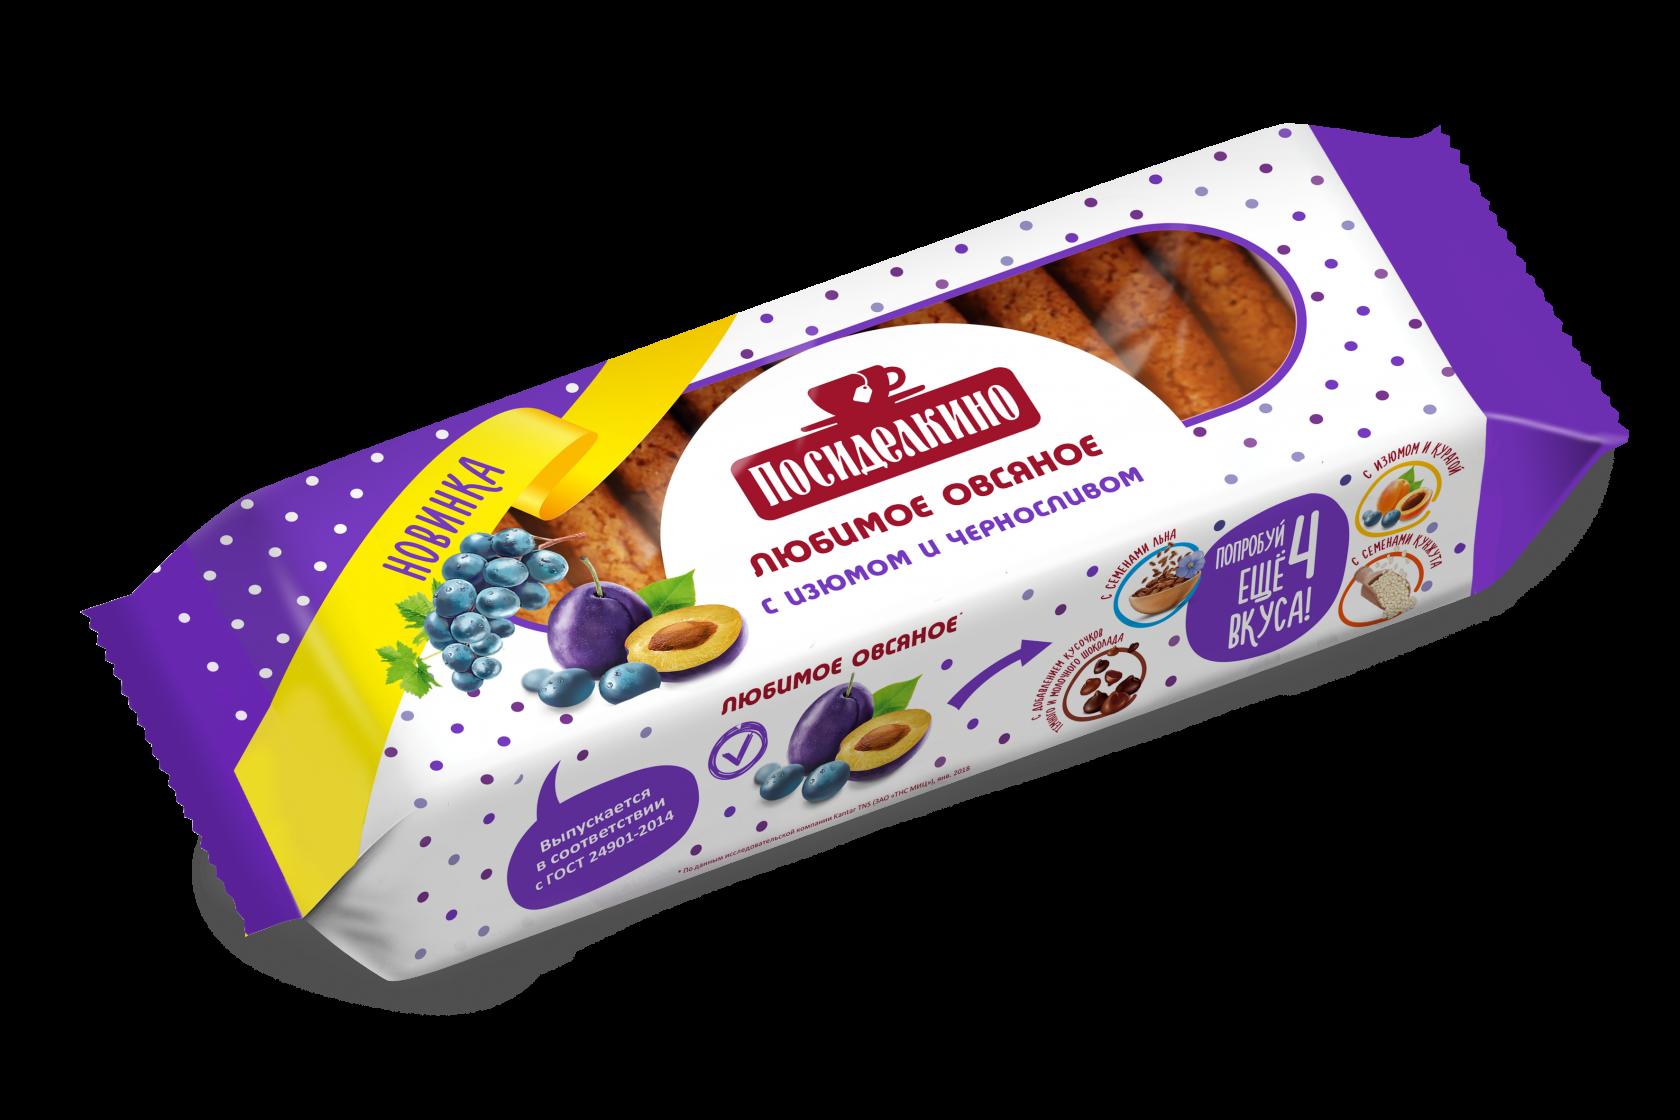 Печенье «Посиделкино» Овсяное 310г. с изюмом